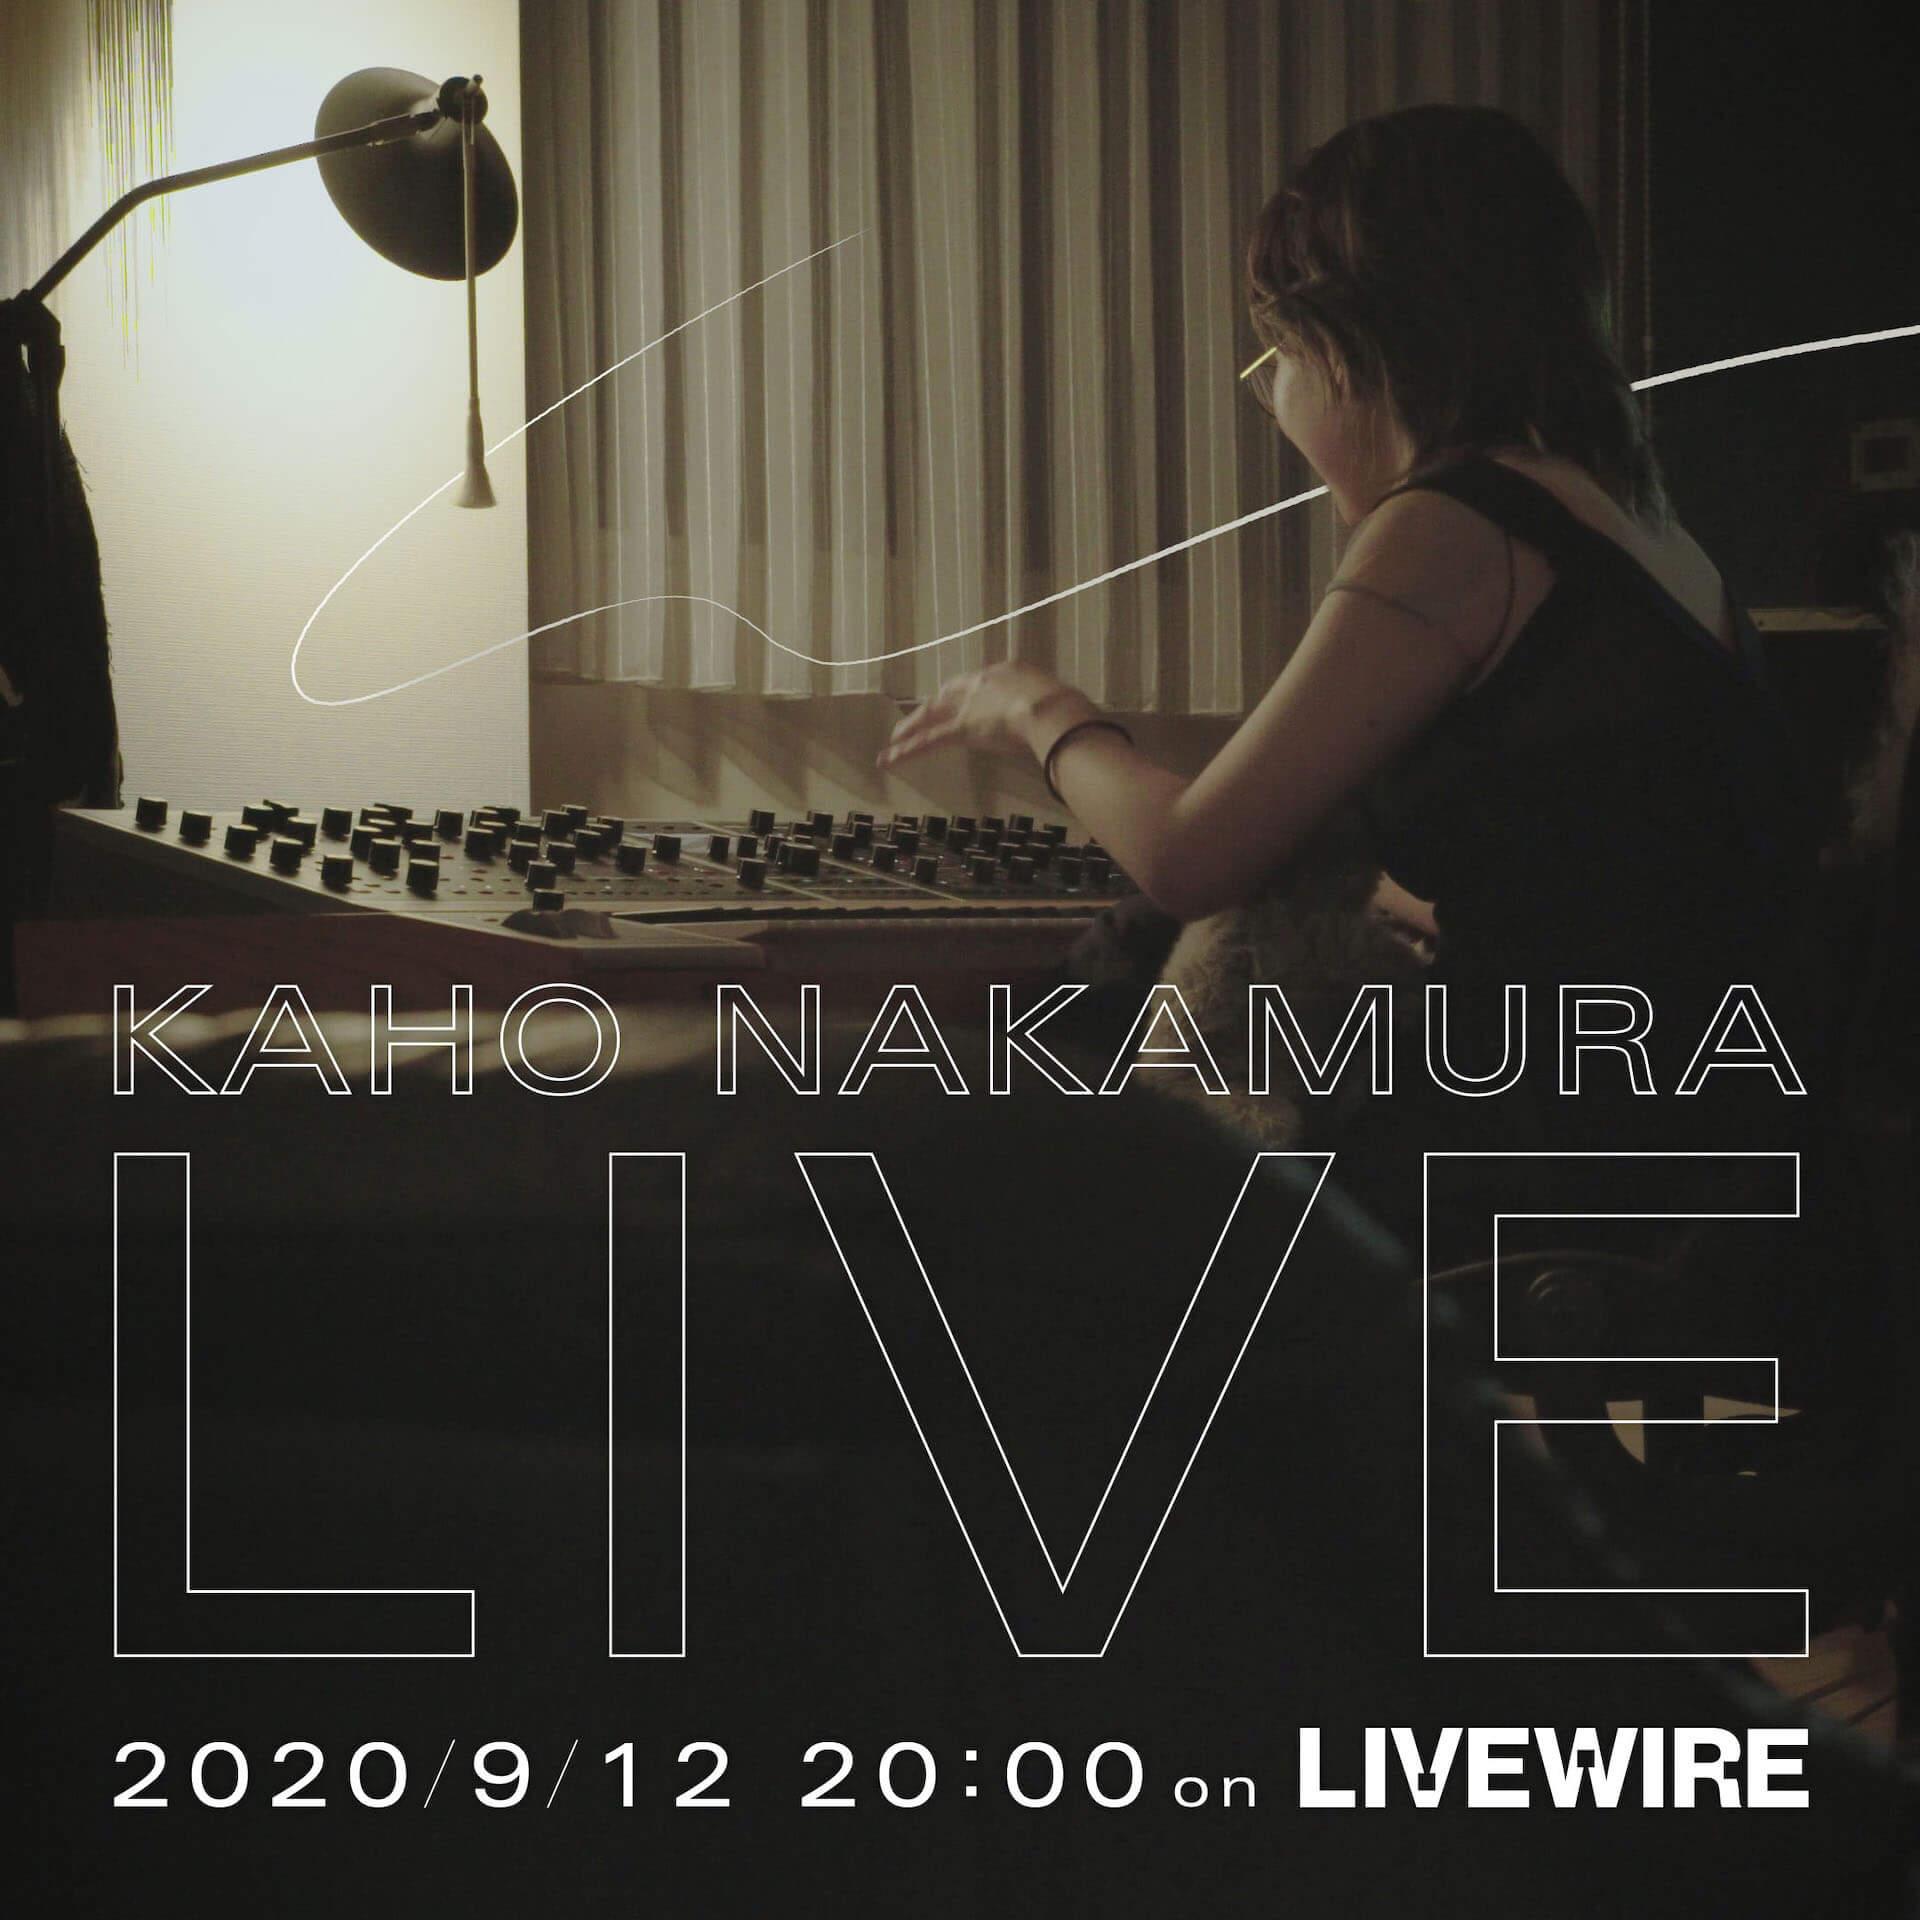 中村佳穂が『LIVE WIRE』にてオンラインライブ開催決定!映画監督・林響太朗と初の共演も music2020826-kahonakamura